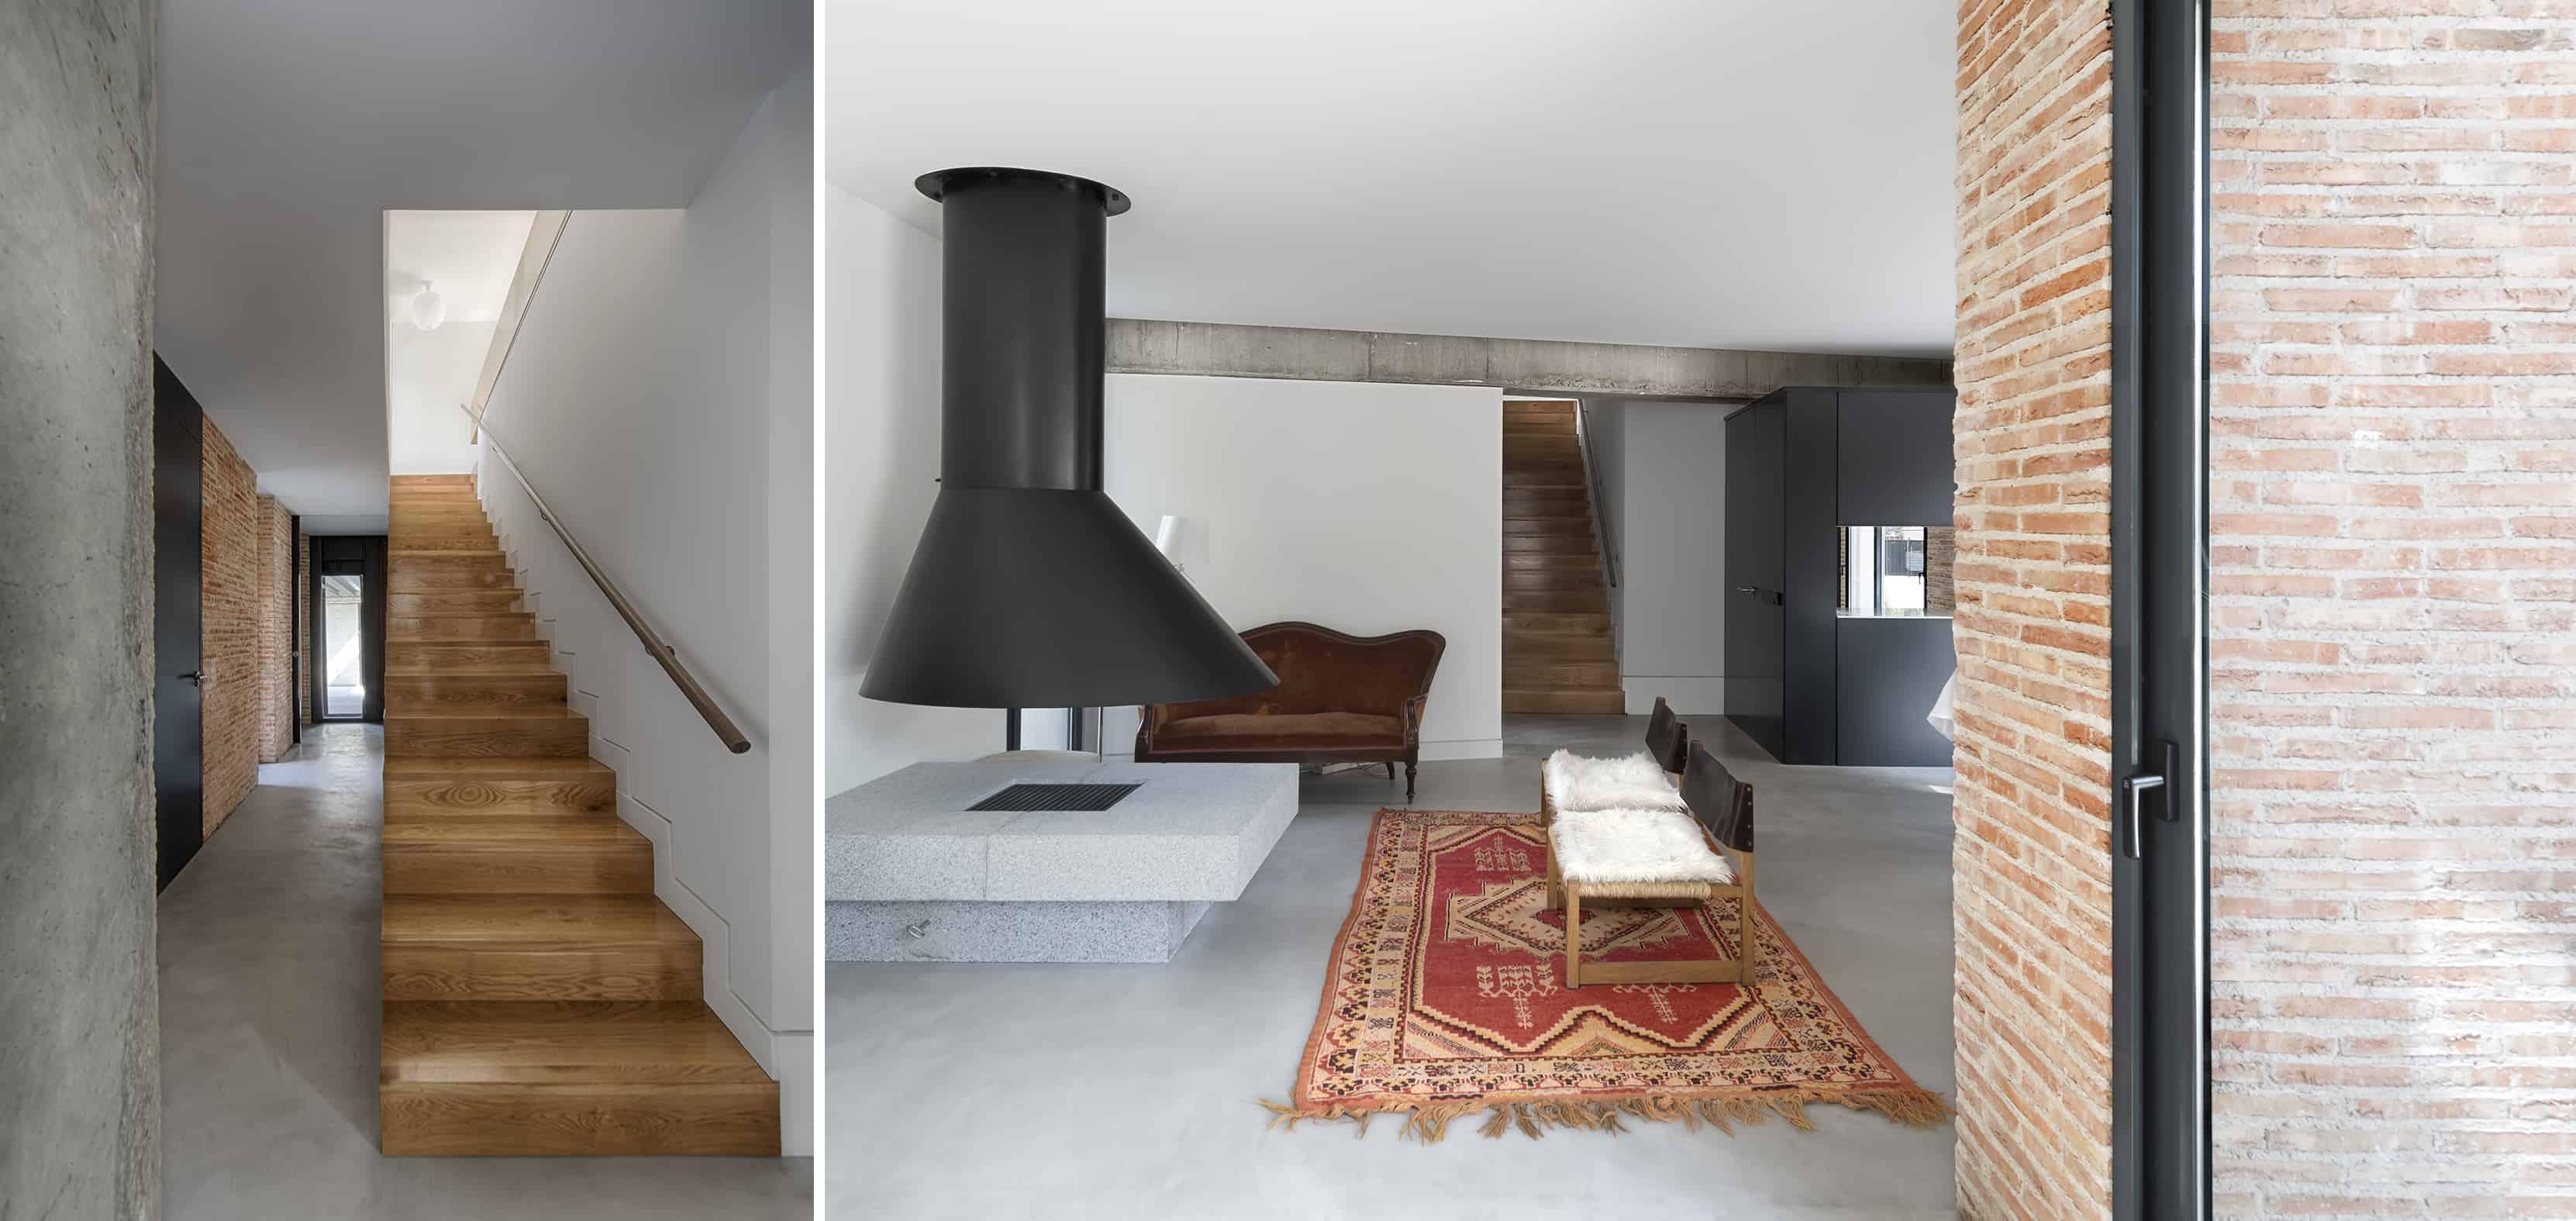 Vivienda_IA - interiorismo - LANDINEZ+REY | equipo L2G arquitectos, slp [ eL2Gaa ]